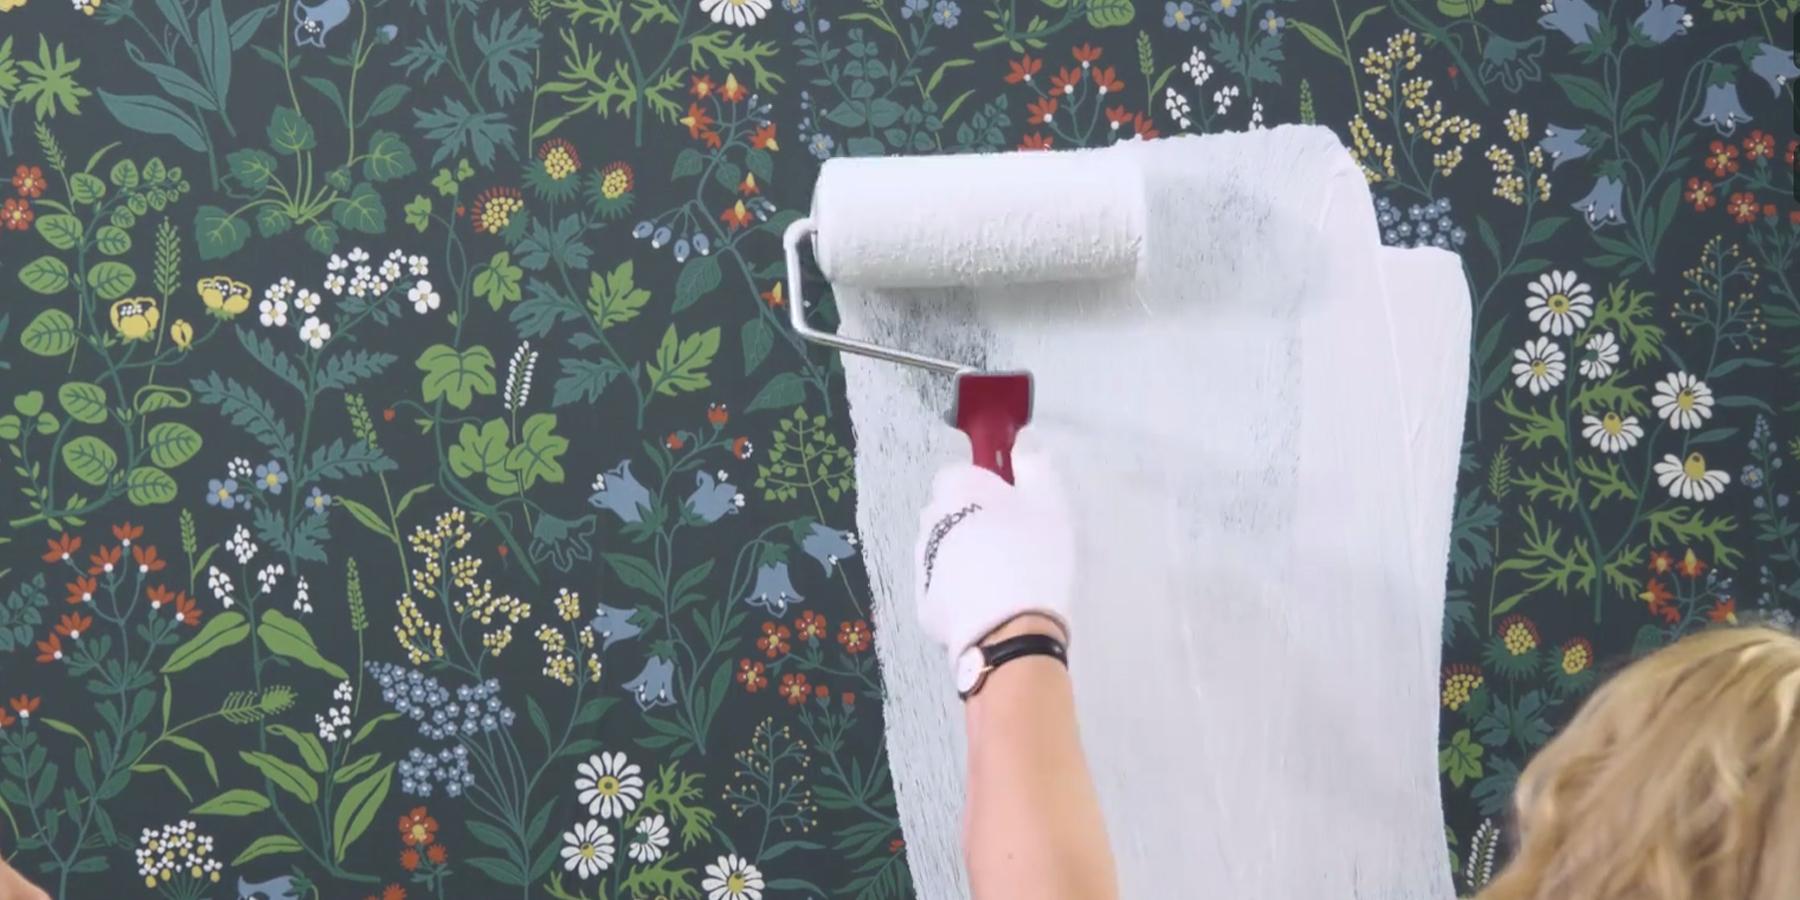 Inredning måla på gammal tapet : SÃ¥ mÃ¥lar du över tapeten!